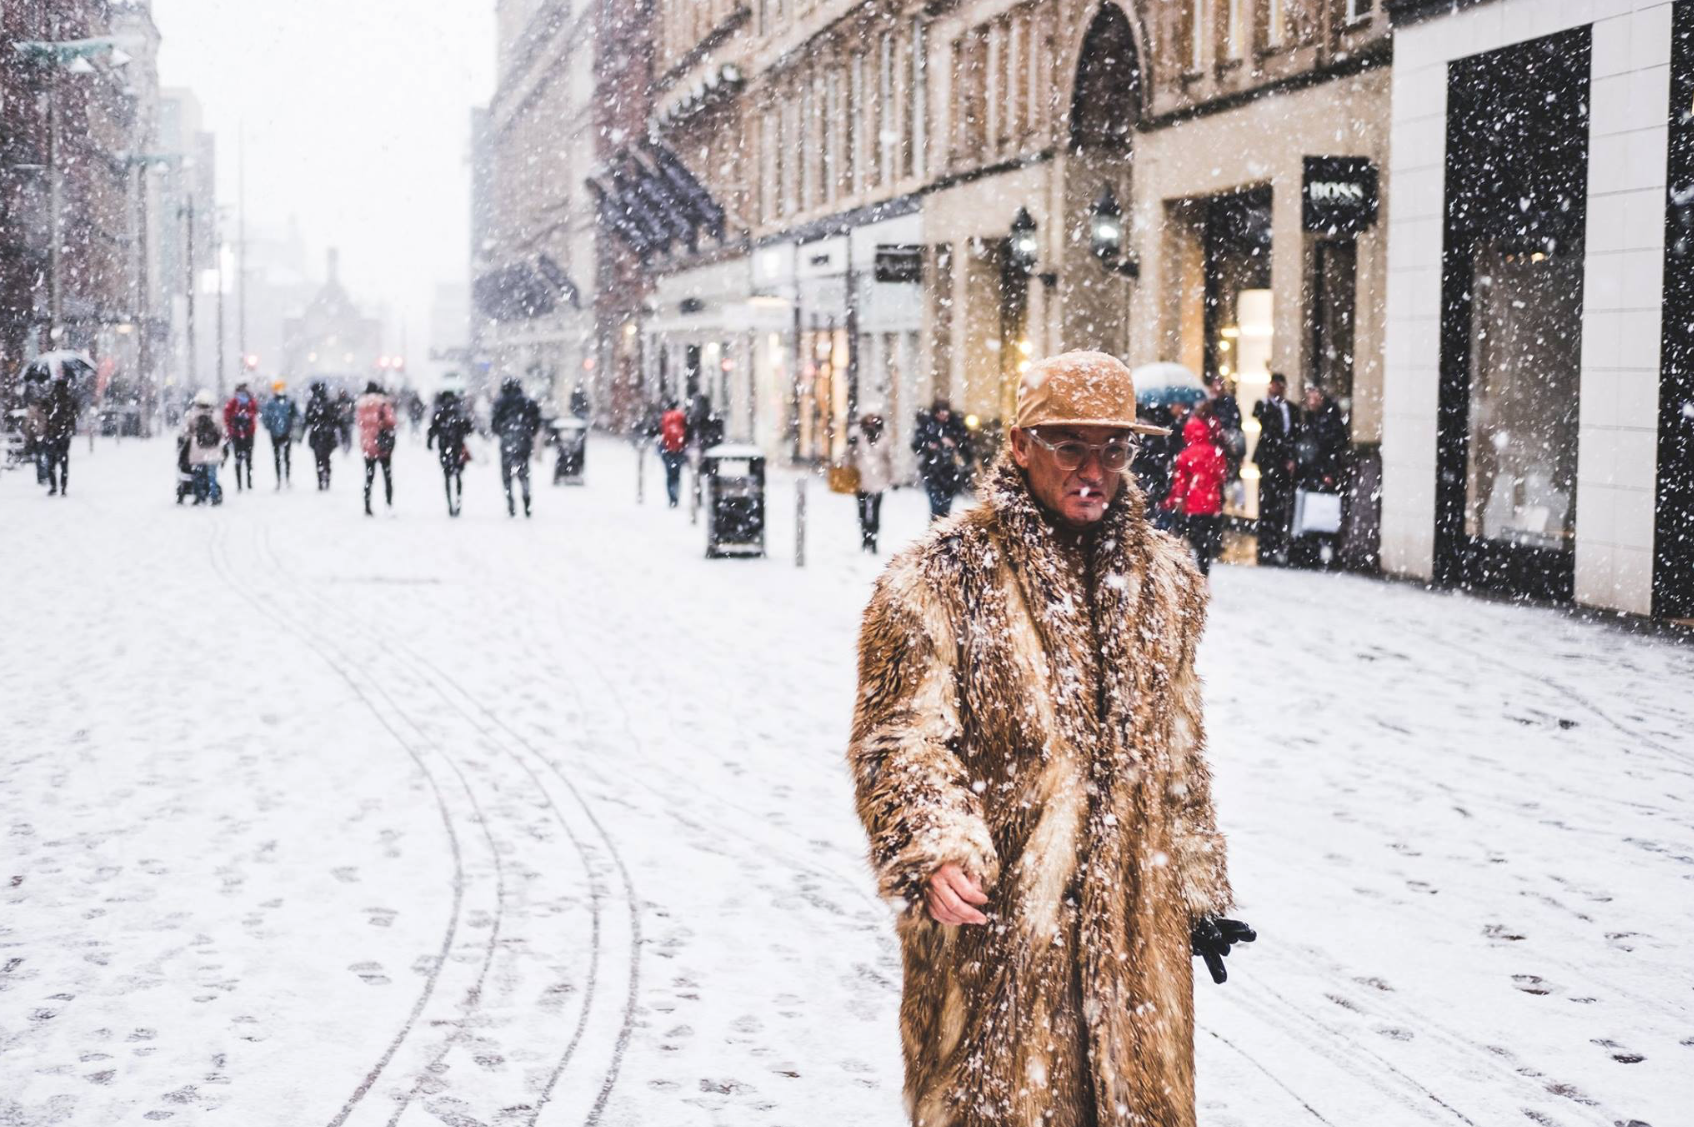 A fur coat under the snow